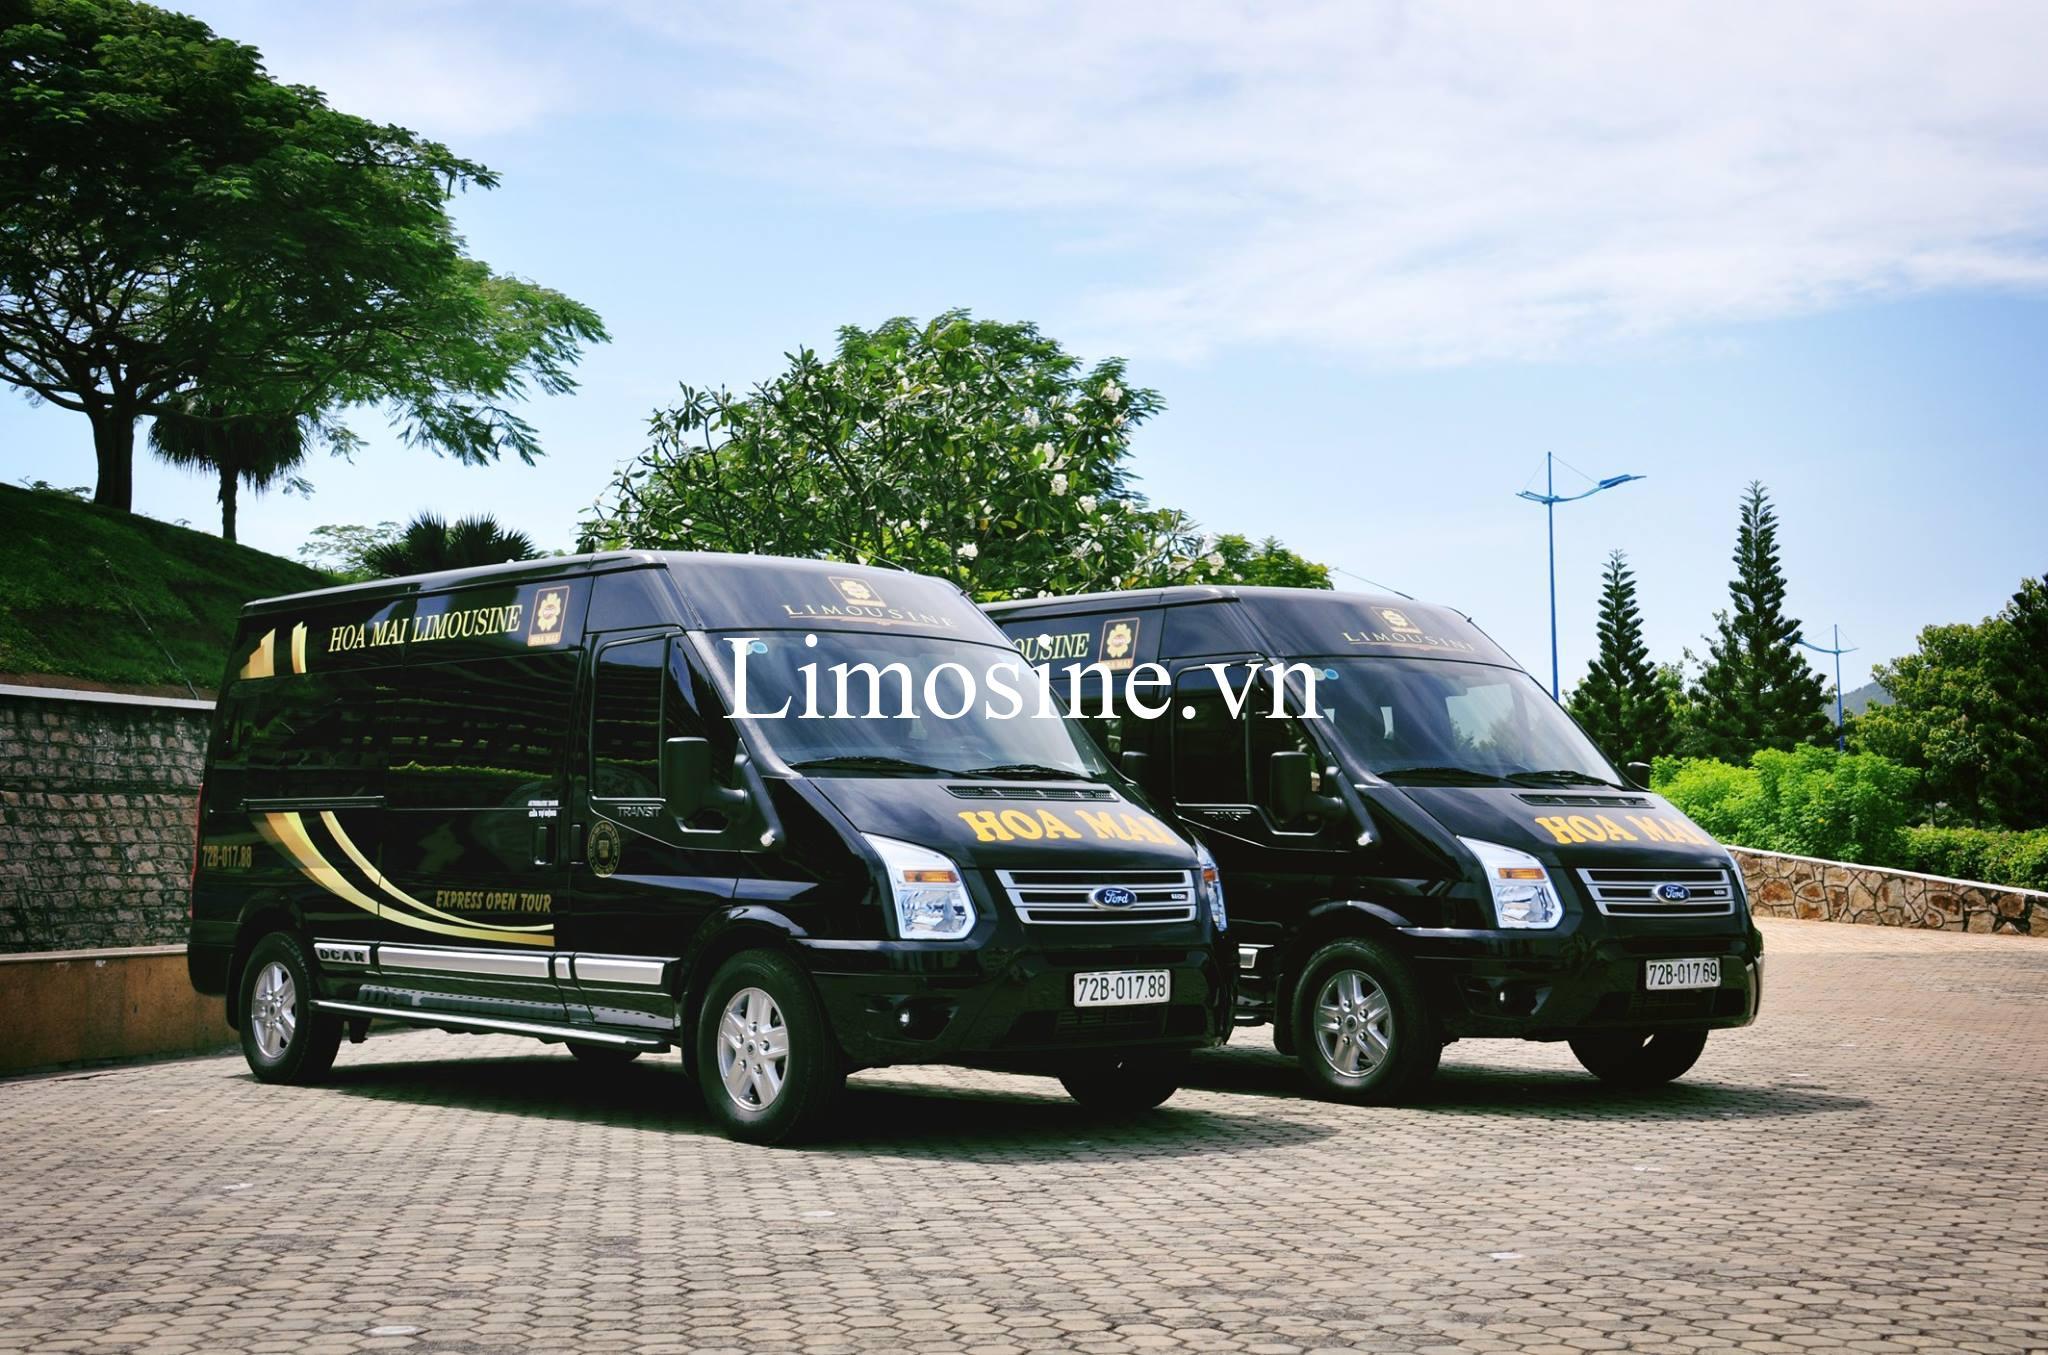 Xe Hoa Mai Limousine: Địa chỉ bến xe, giá vé, số điện thoại và lịch trình